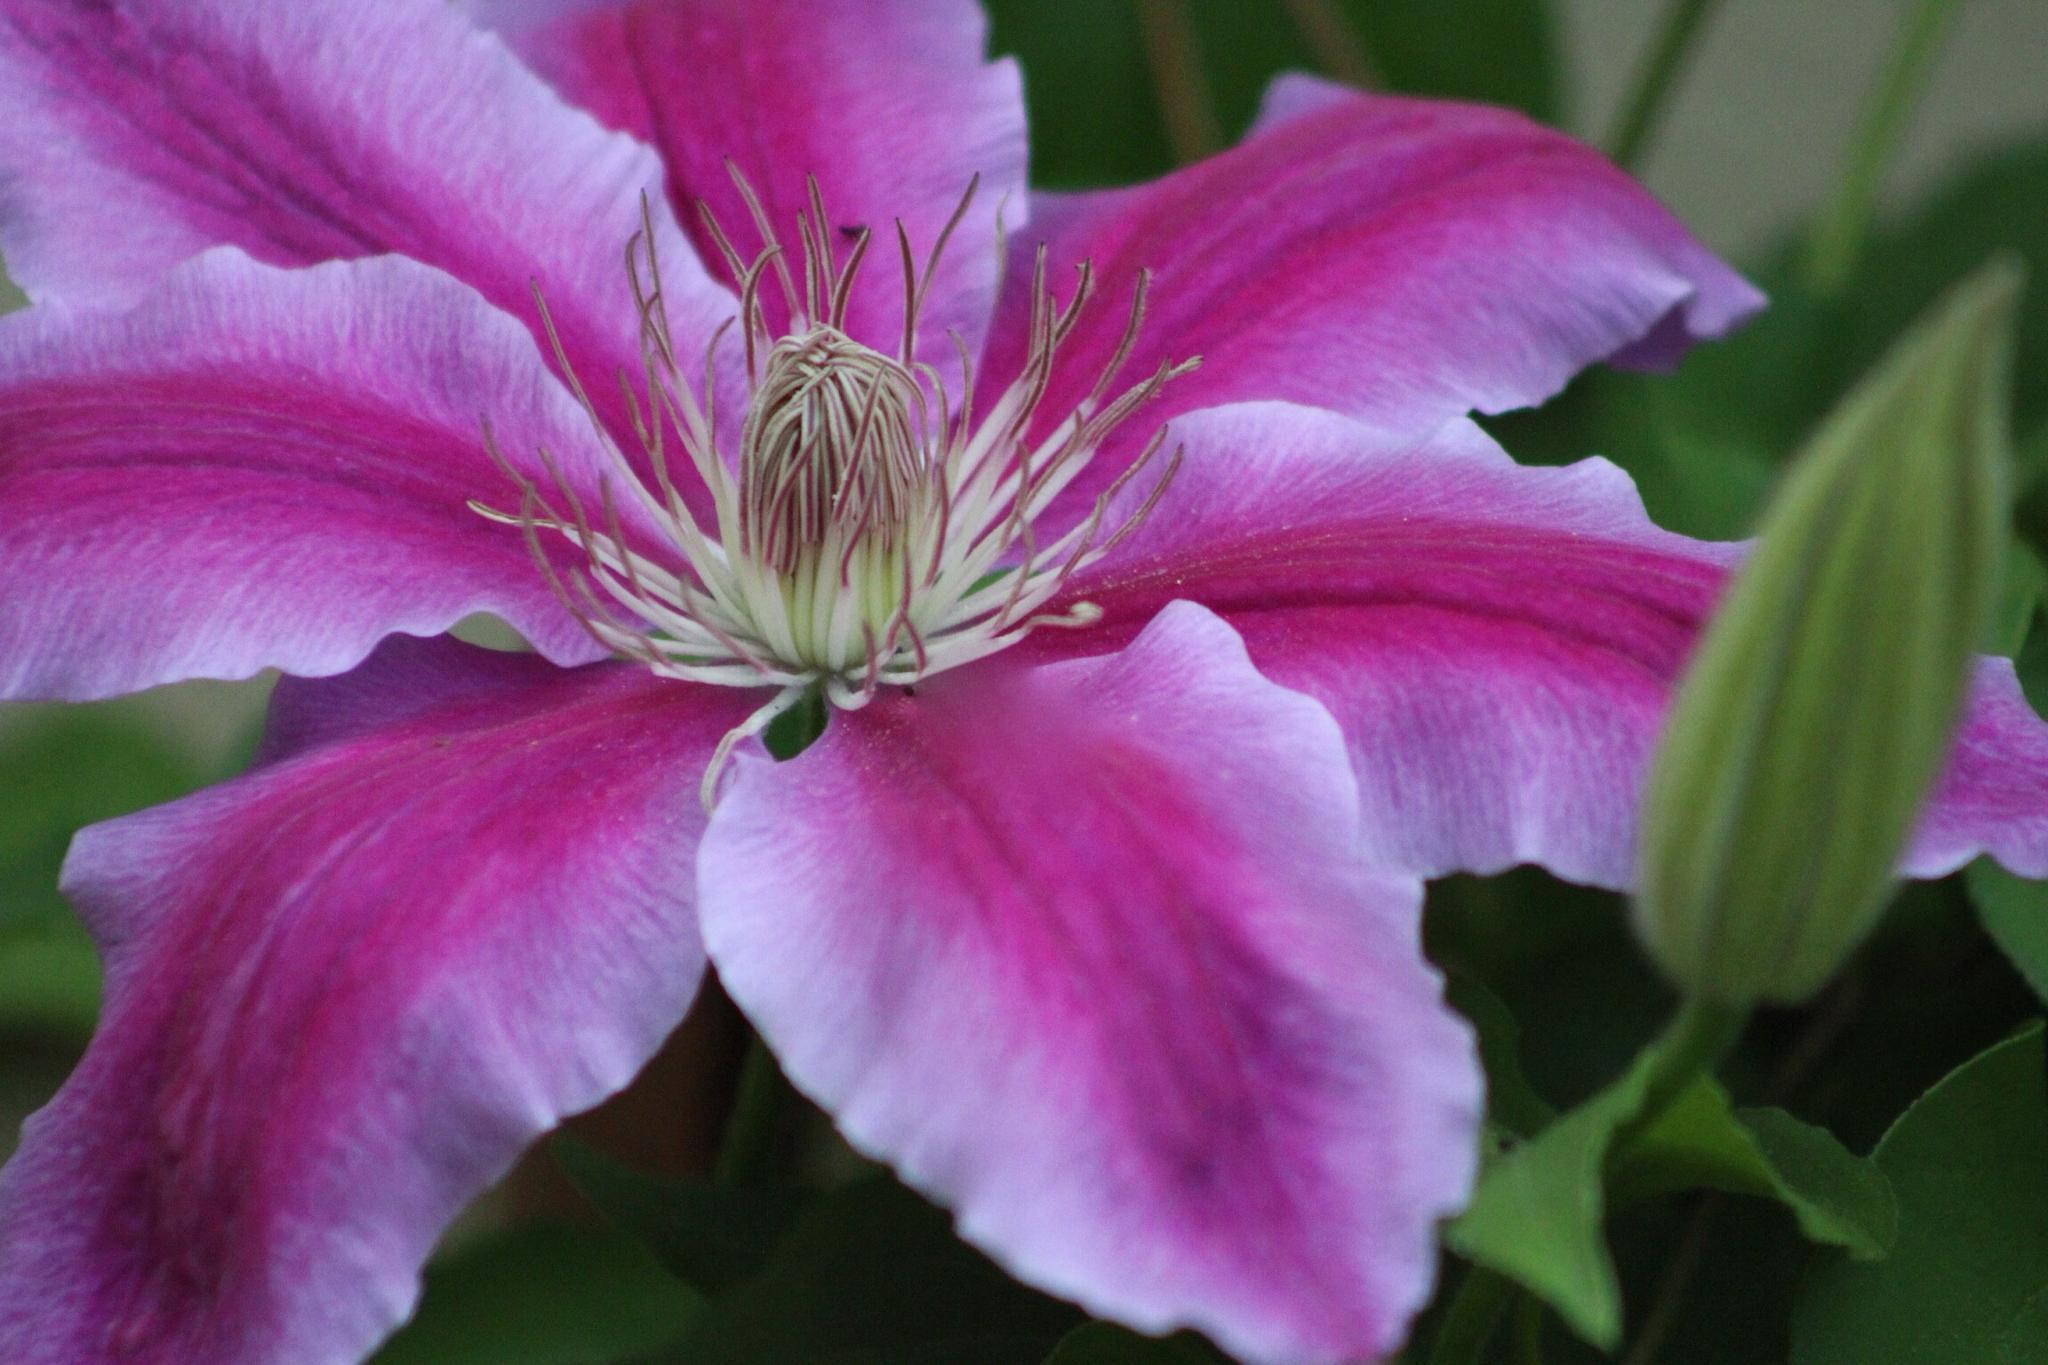 Macro flower by DAVatalaro